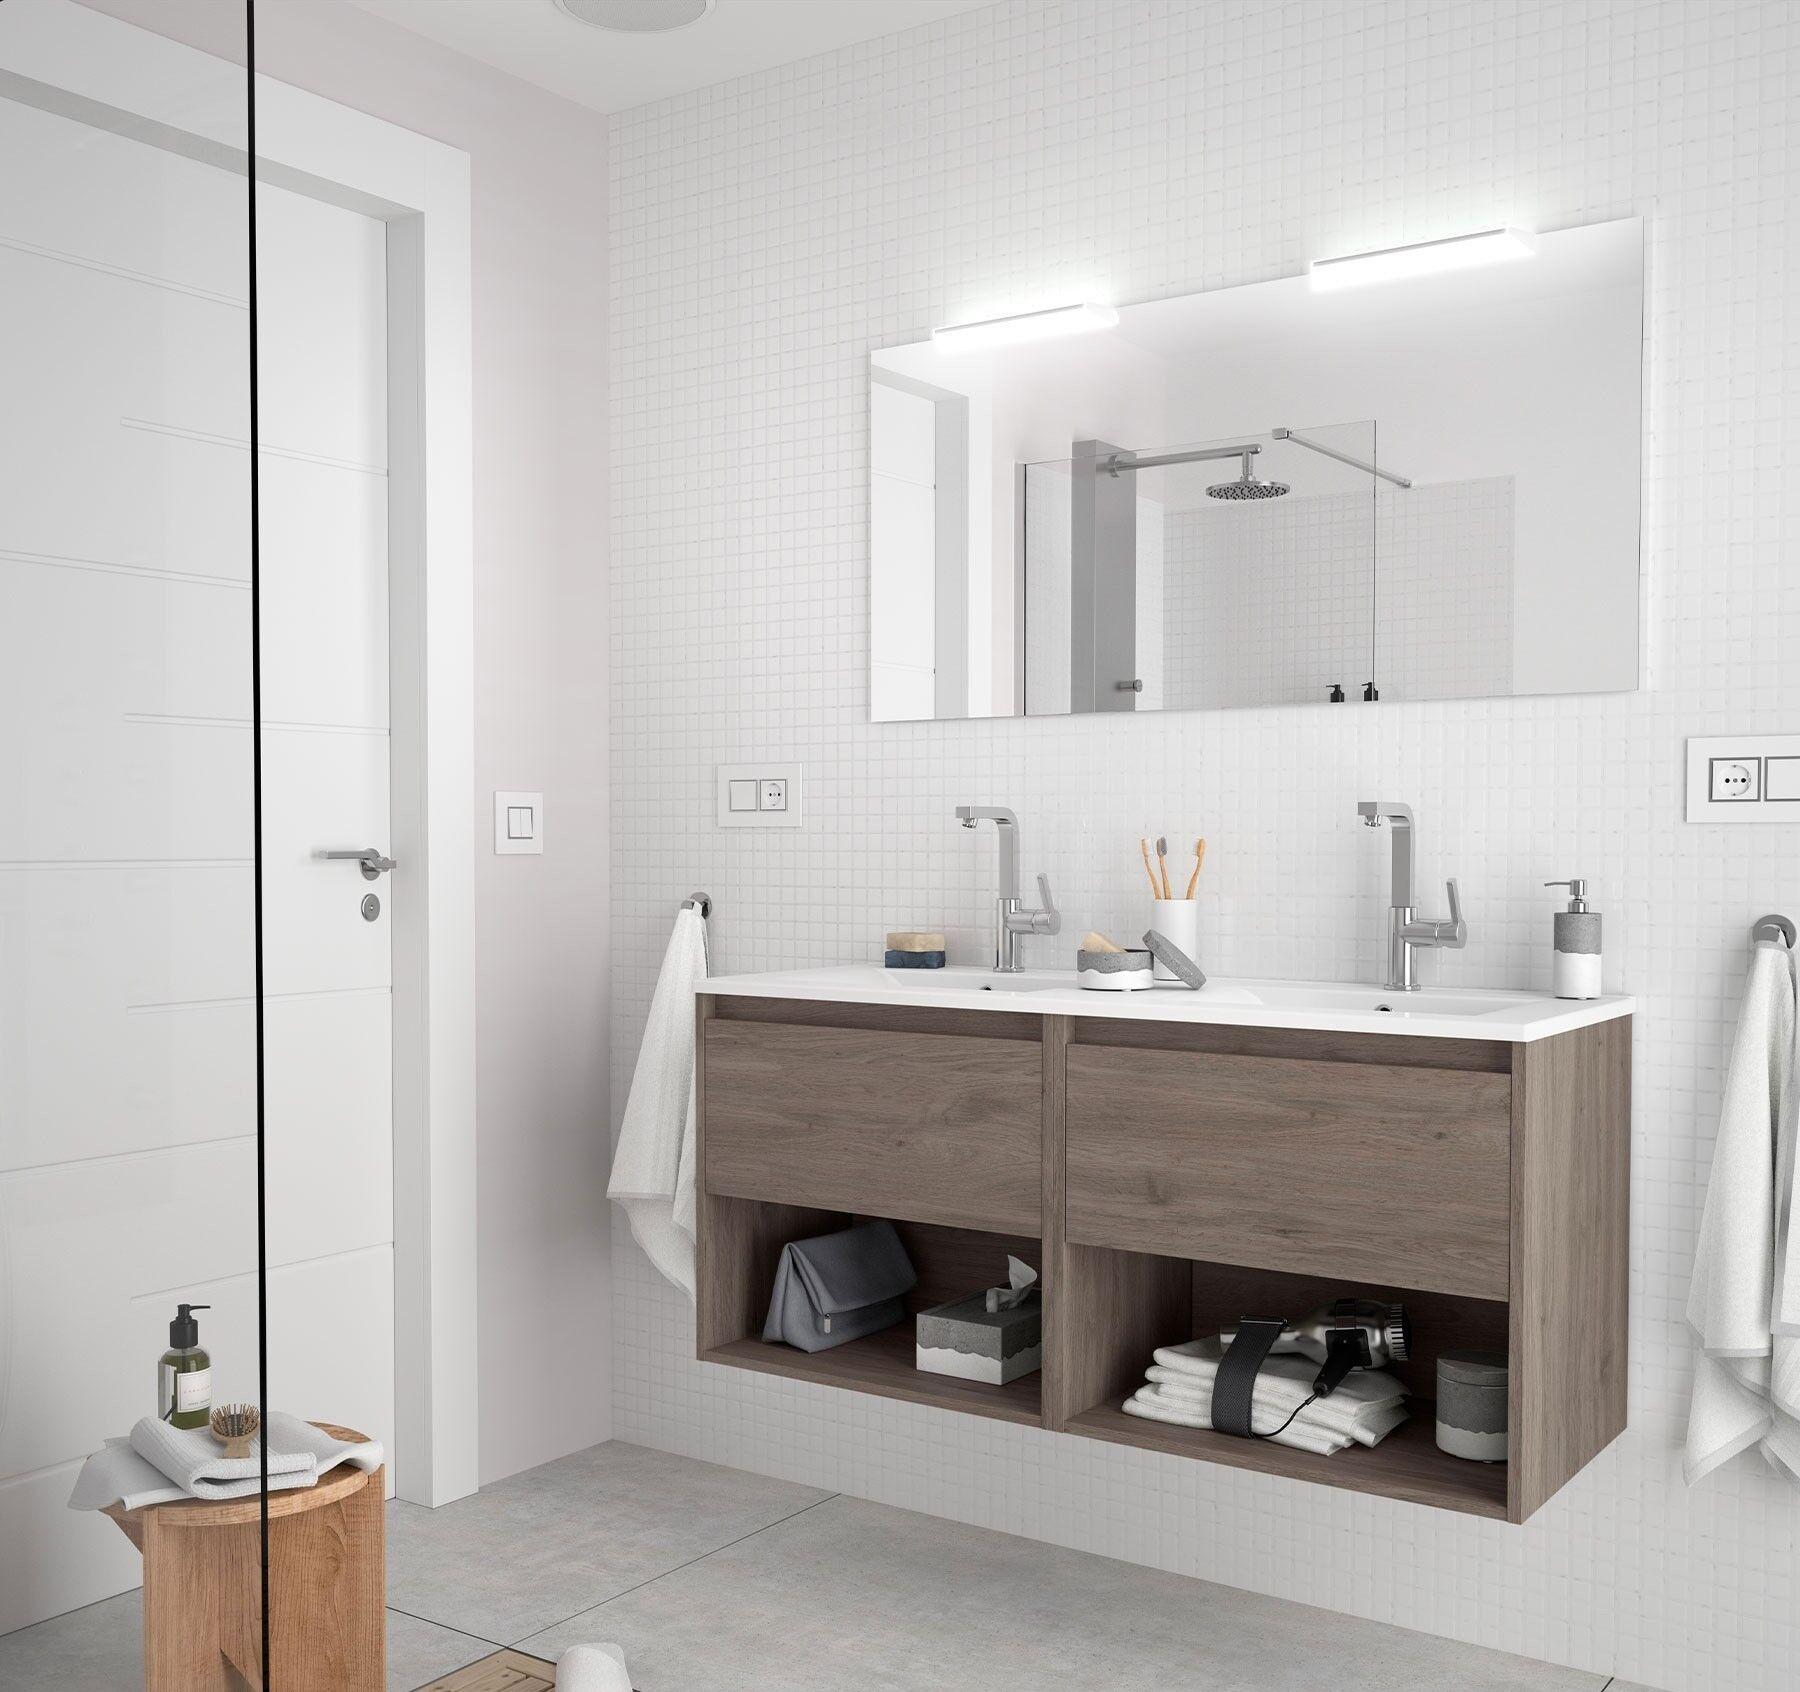 CAESAROO Meuble de salle de bain suspendu 120 cm Chêne eternity avec deux tiroirs et deux espaces   120 cm - Avec double colonne